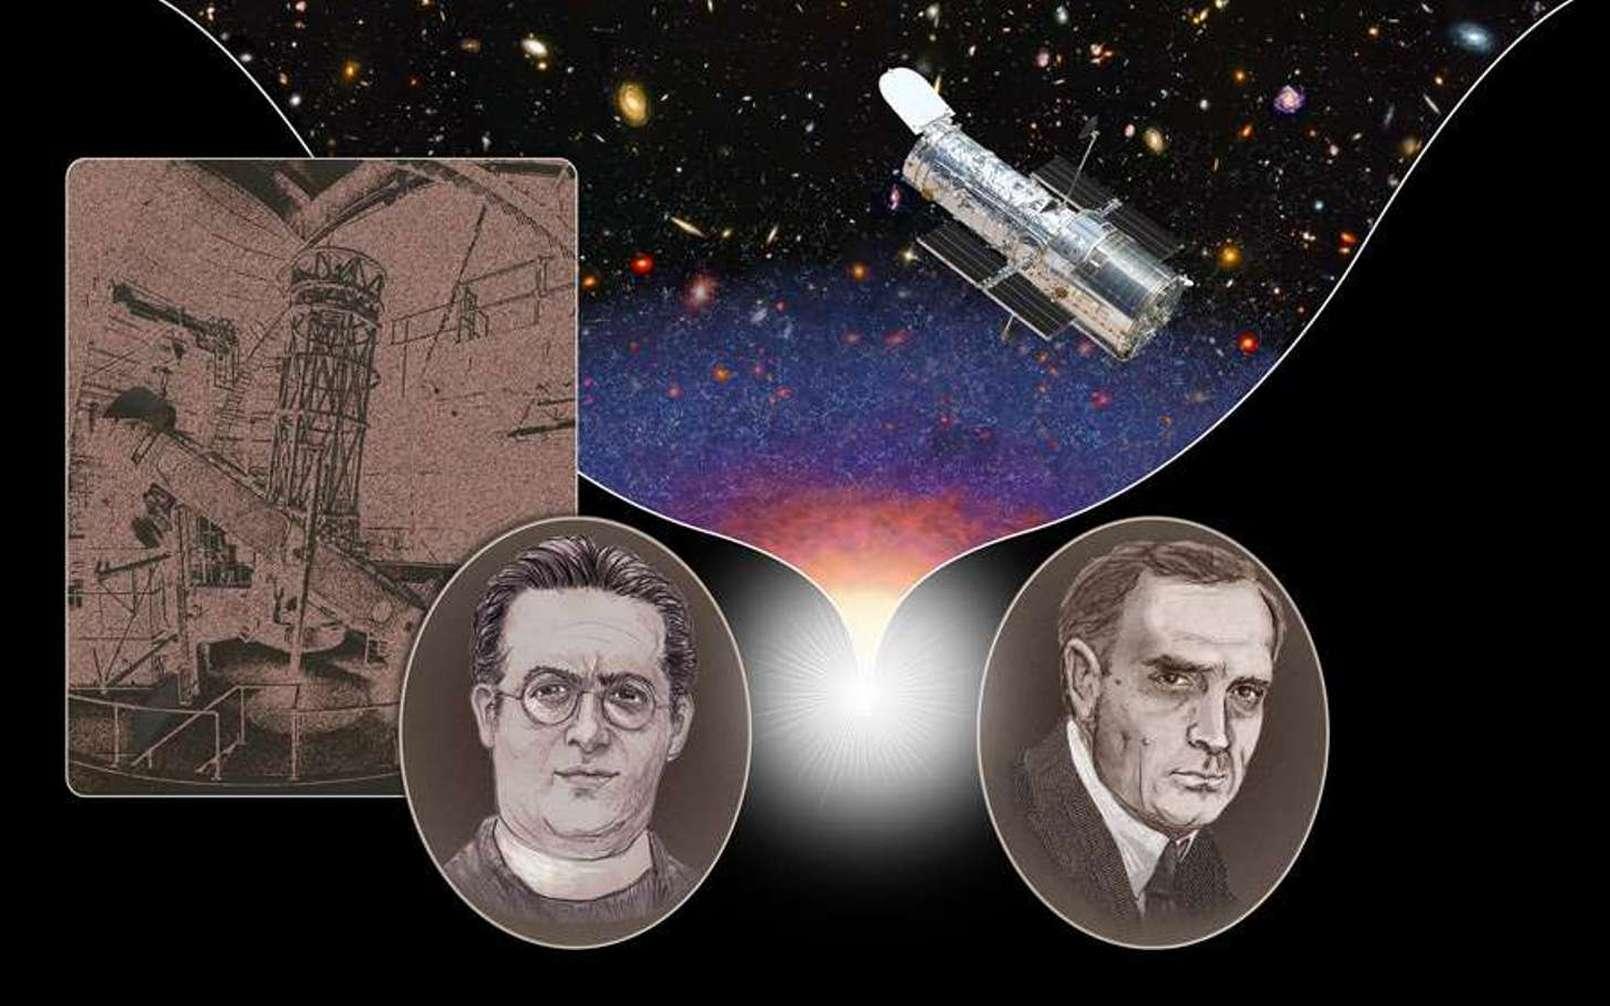 Cette illustration montre Edwin Hubble (1889-1953), à droite, et Georges Lemaître (1894-1966), à gauche. Le télescope sur la gauche est le télescope Hooker du mont Wilson en Californie. Le télescope spatial Hubble est sur la droite. © Nasa, Esa, A. Feild